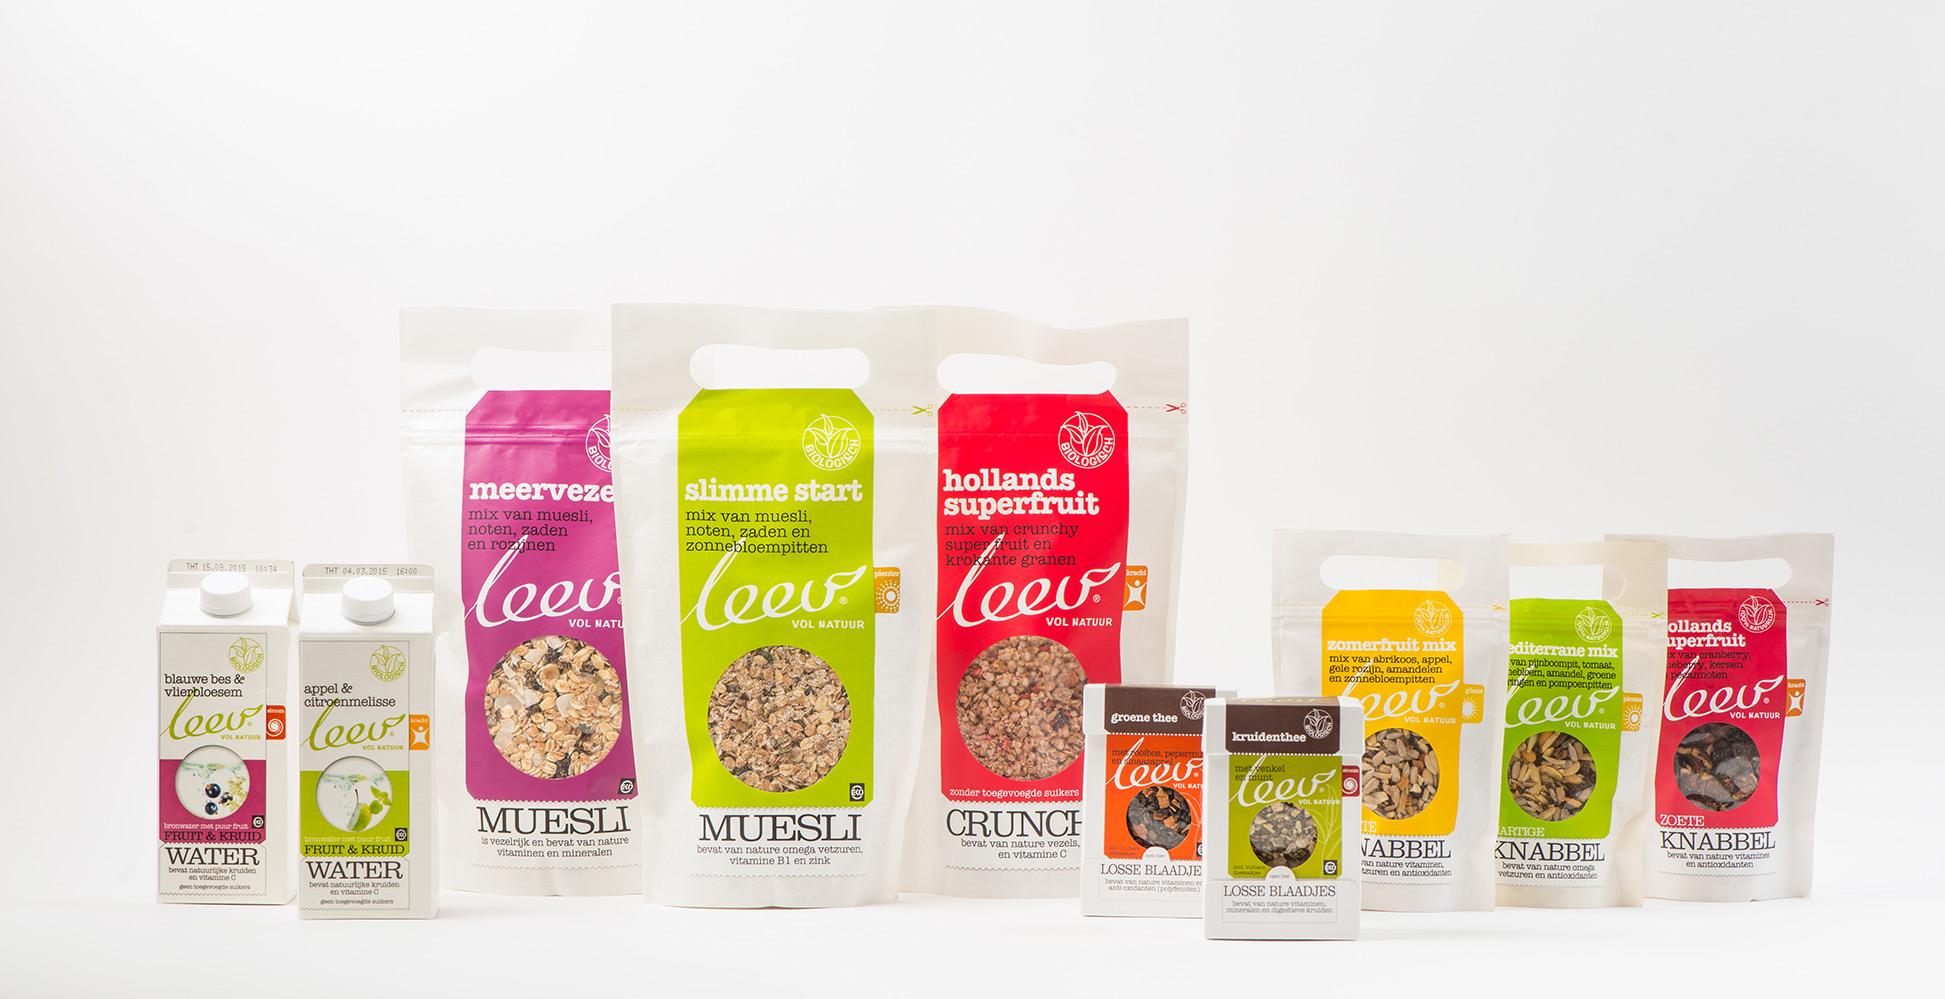 innovatie-gezonde-voeding-leev